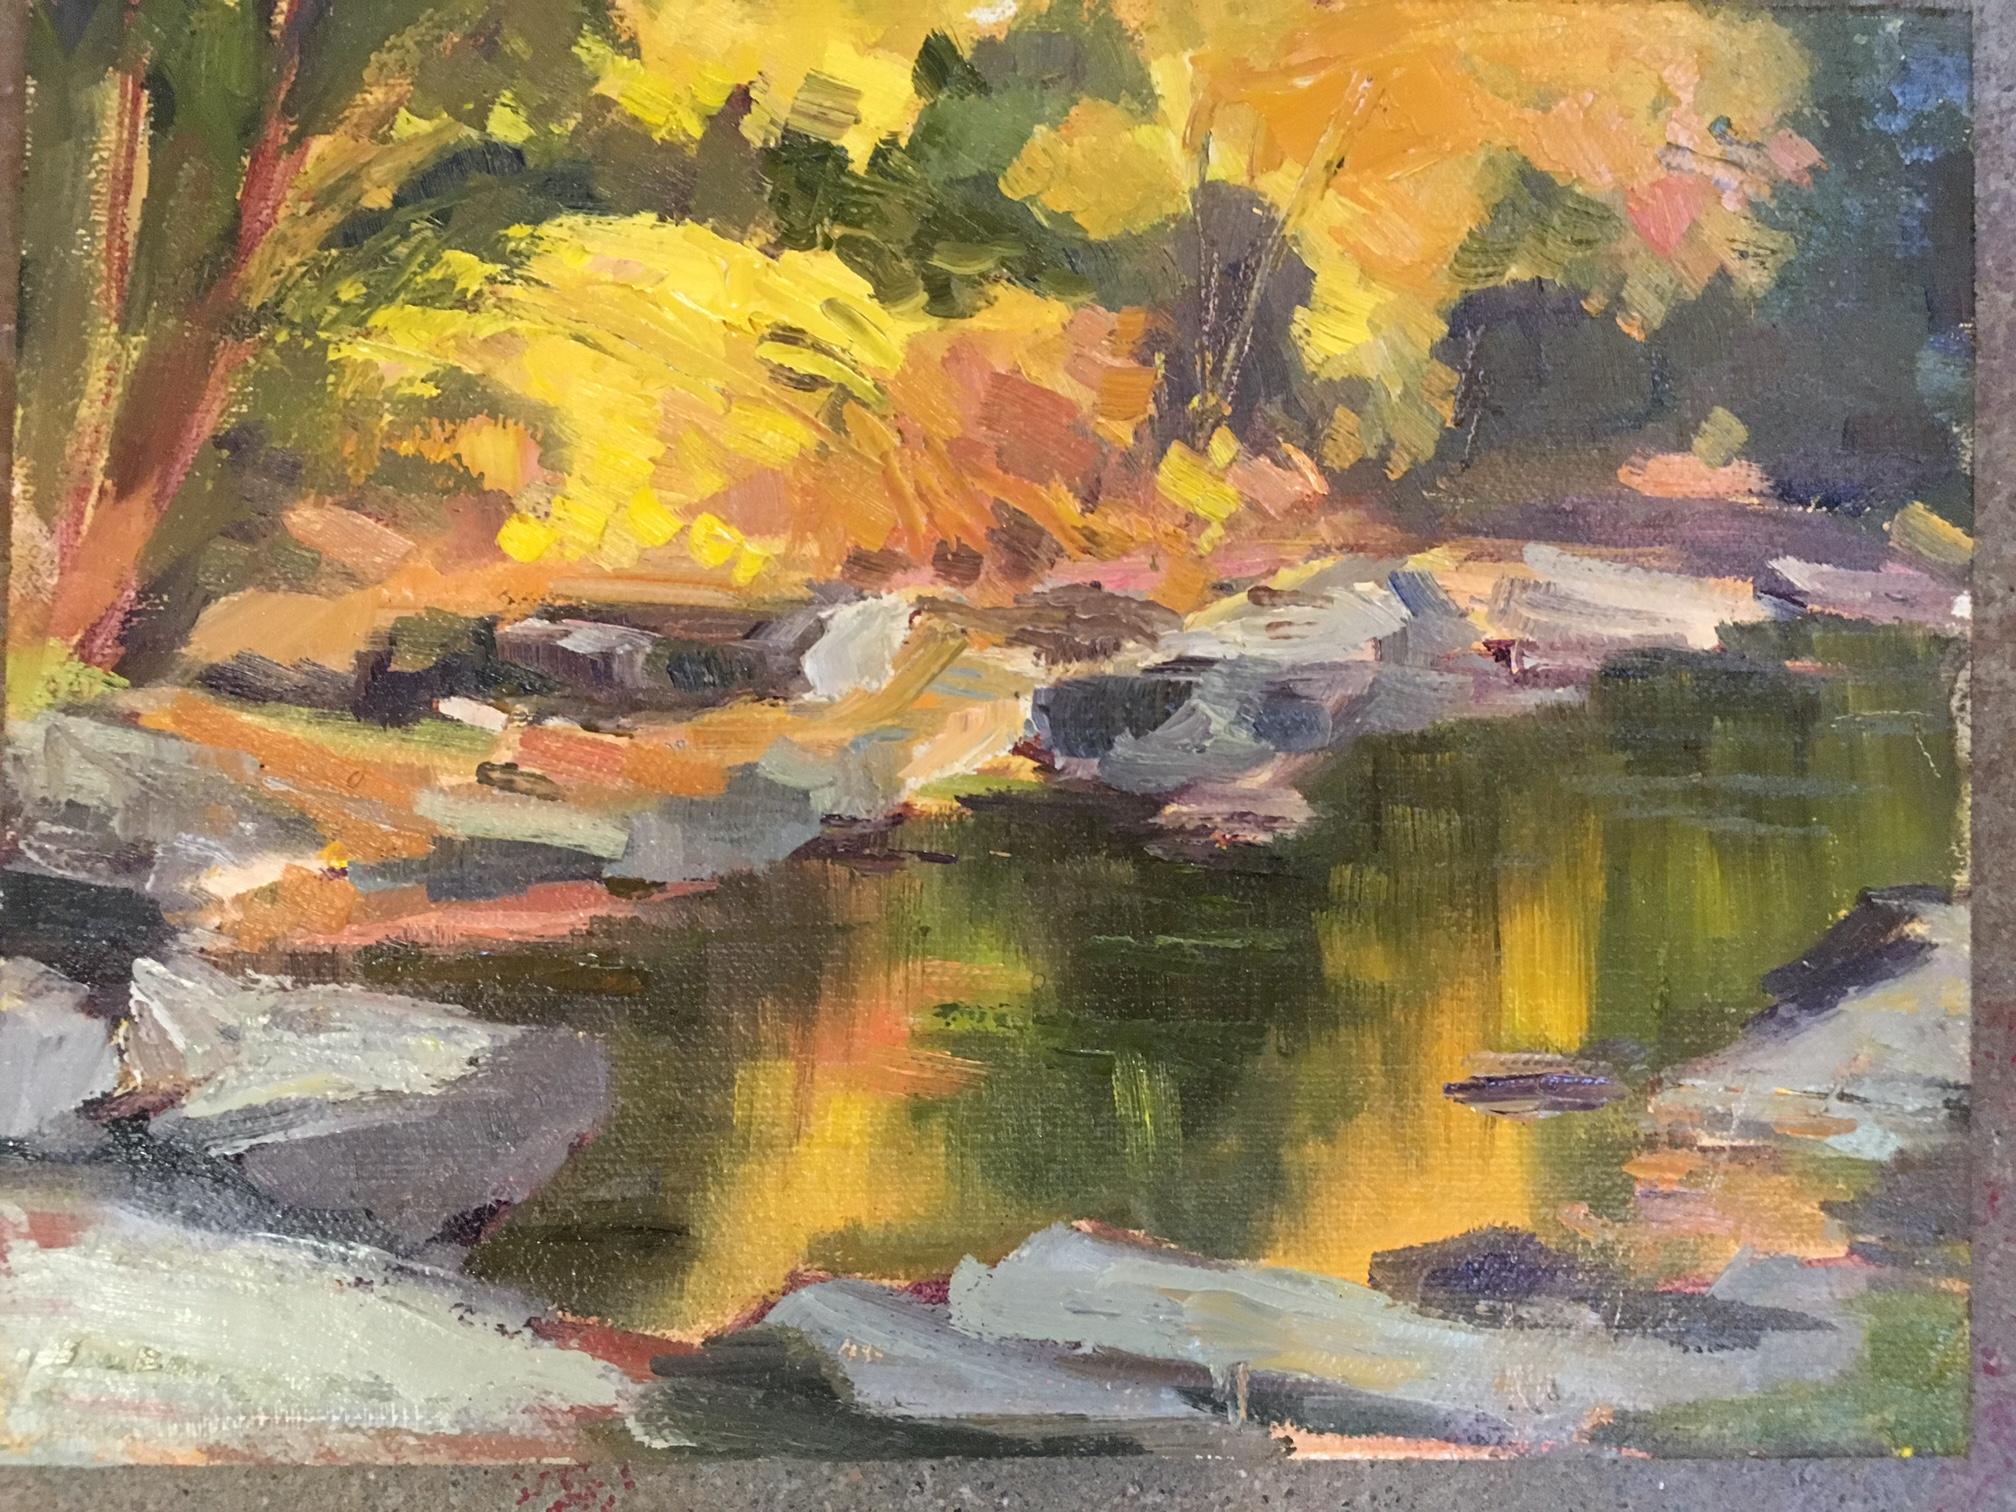 Yellow Reflection at the Falls